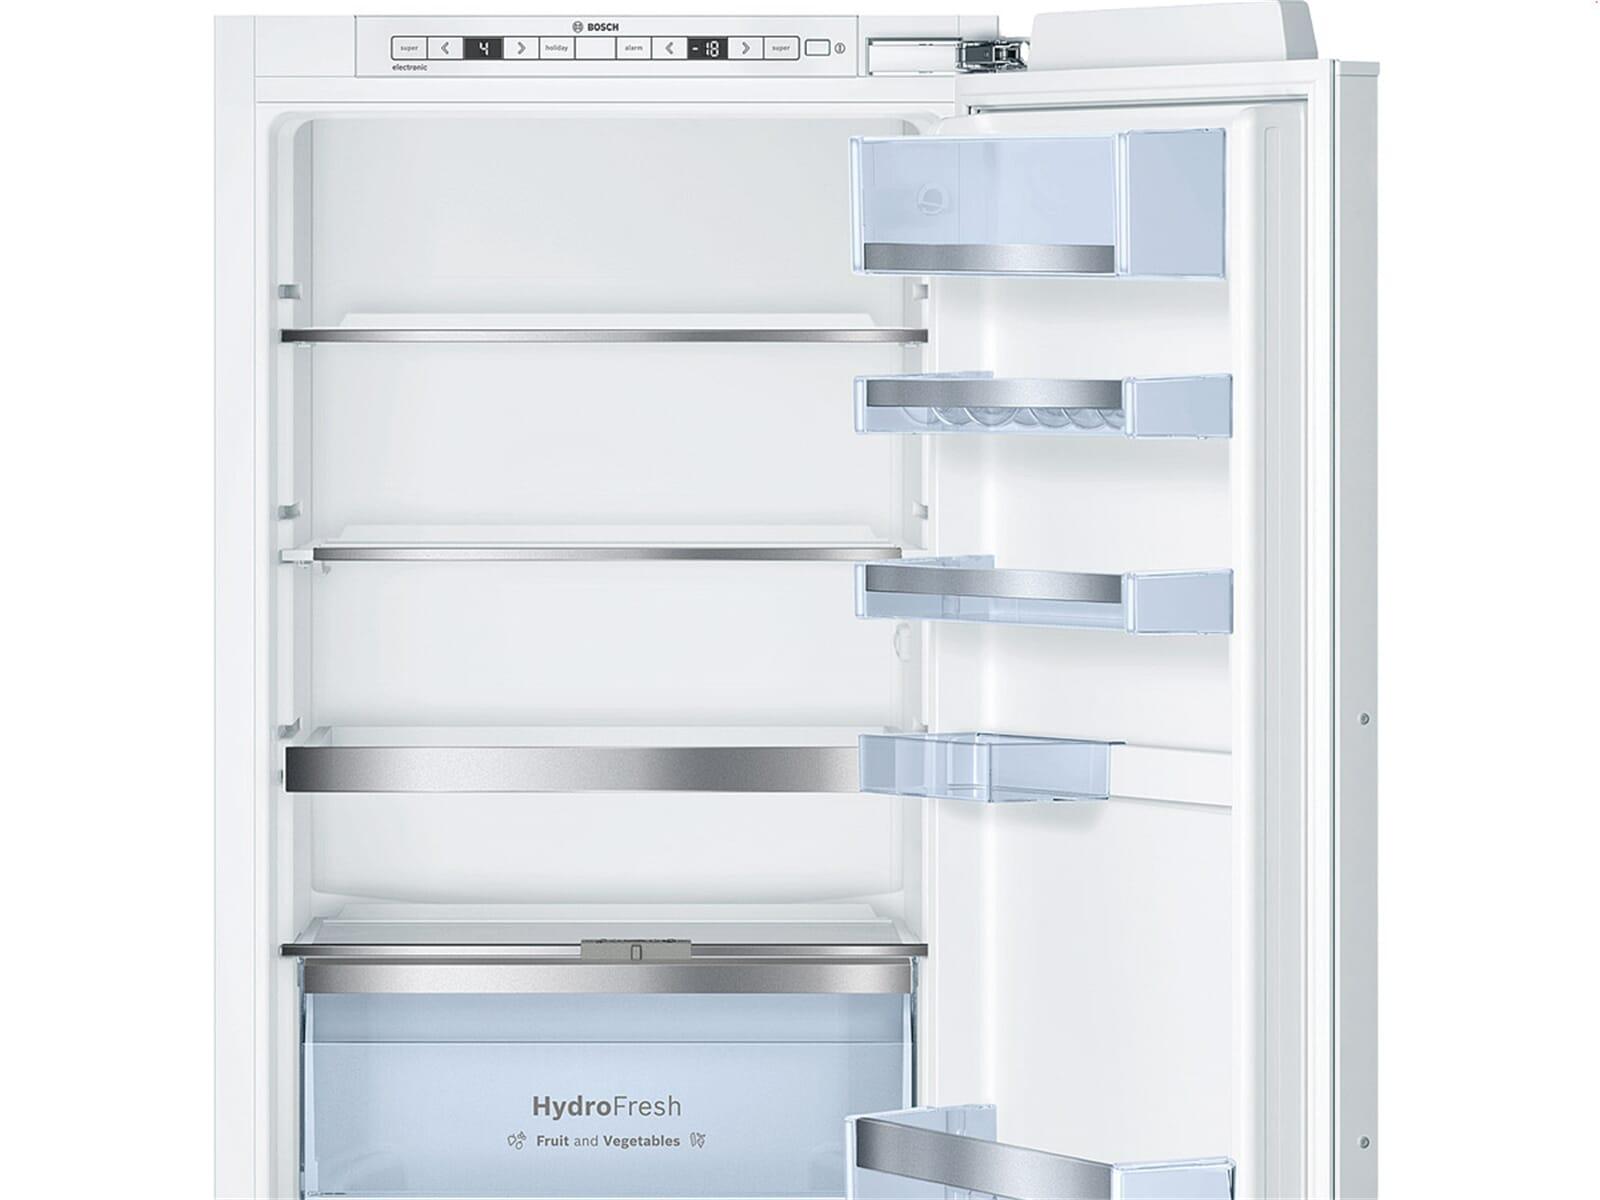 Aeg Kühlschrank 158 Cm : 28 neu einbau kühl gefrierkombination 158 küchen ideen